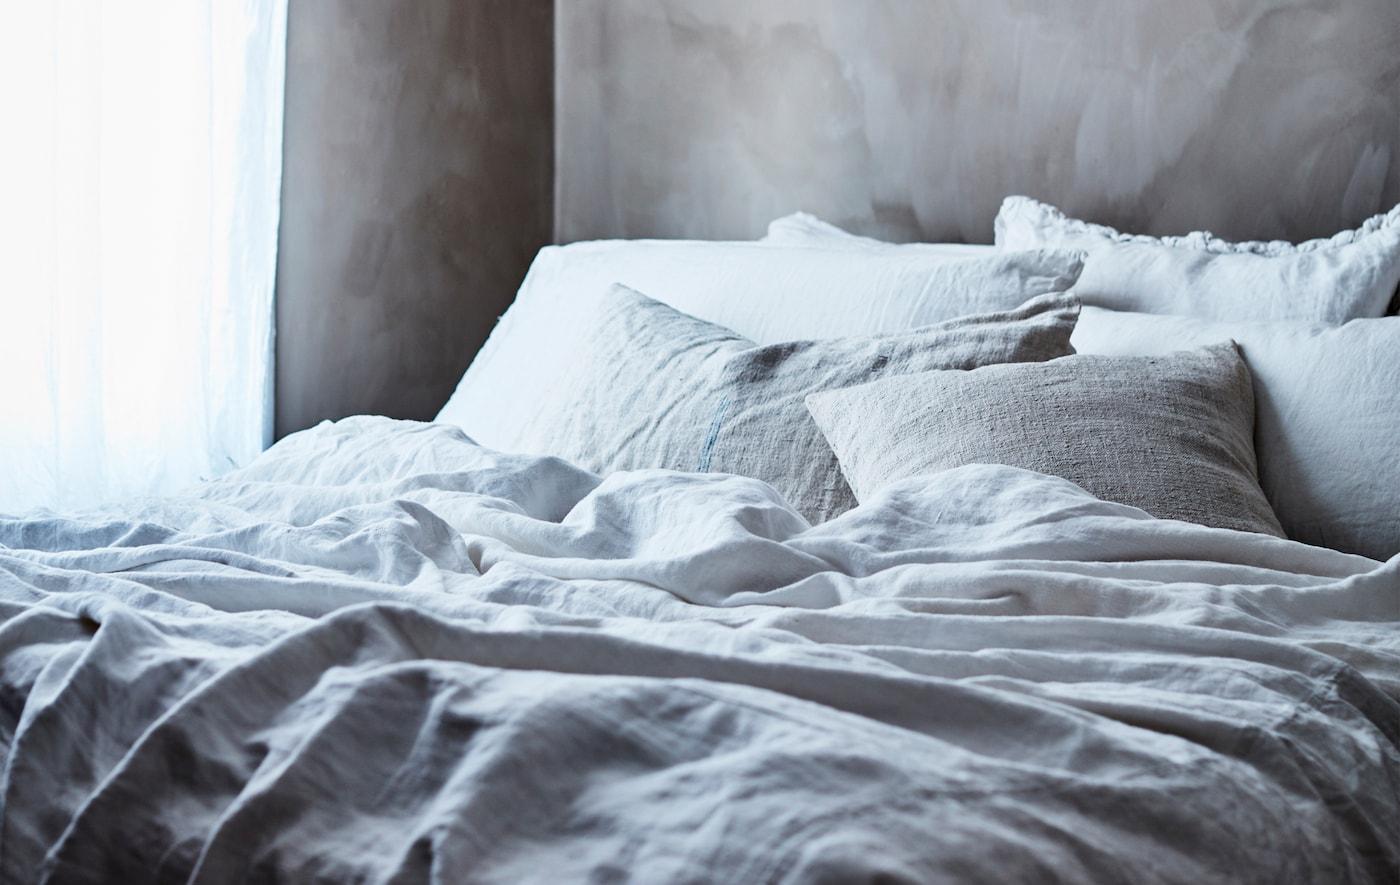 Ein Bett mit Bettwäsche in Grau und Weiss